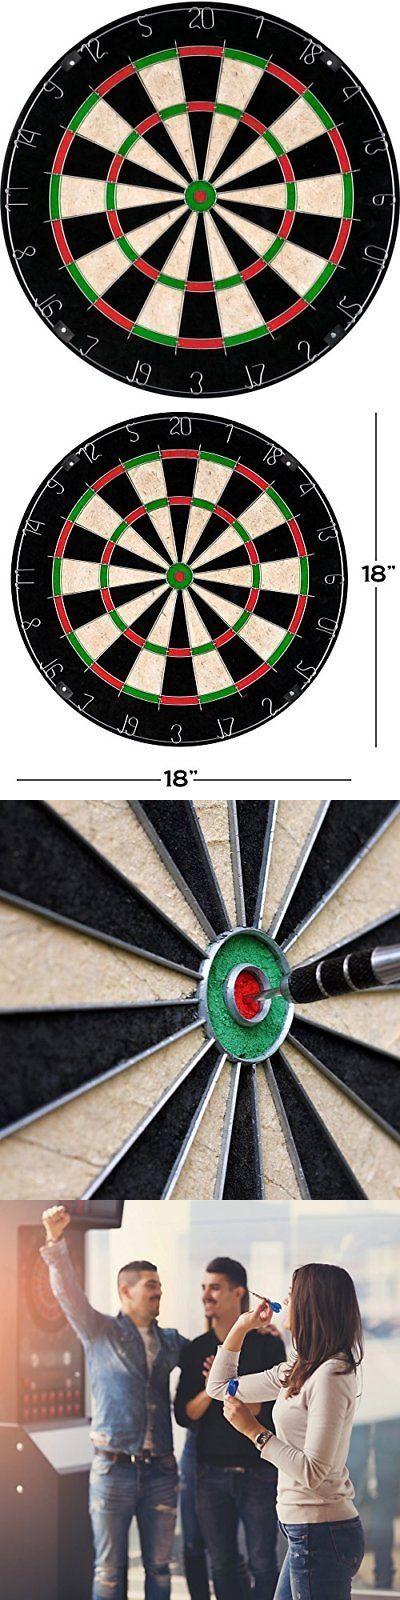 Dart Boards 72576 Bristle Dart Board, Tournament Sized